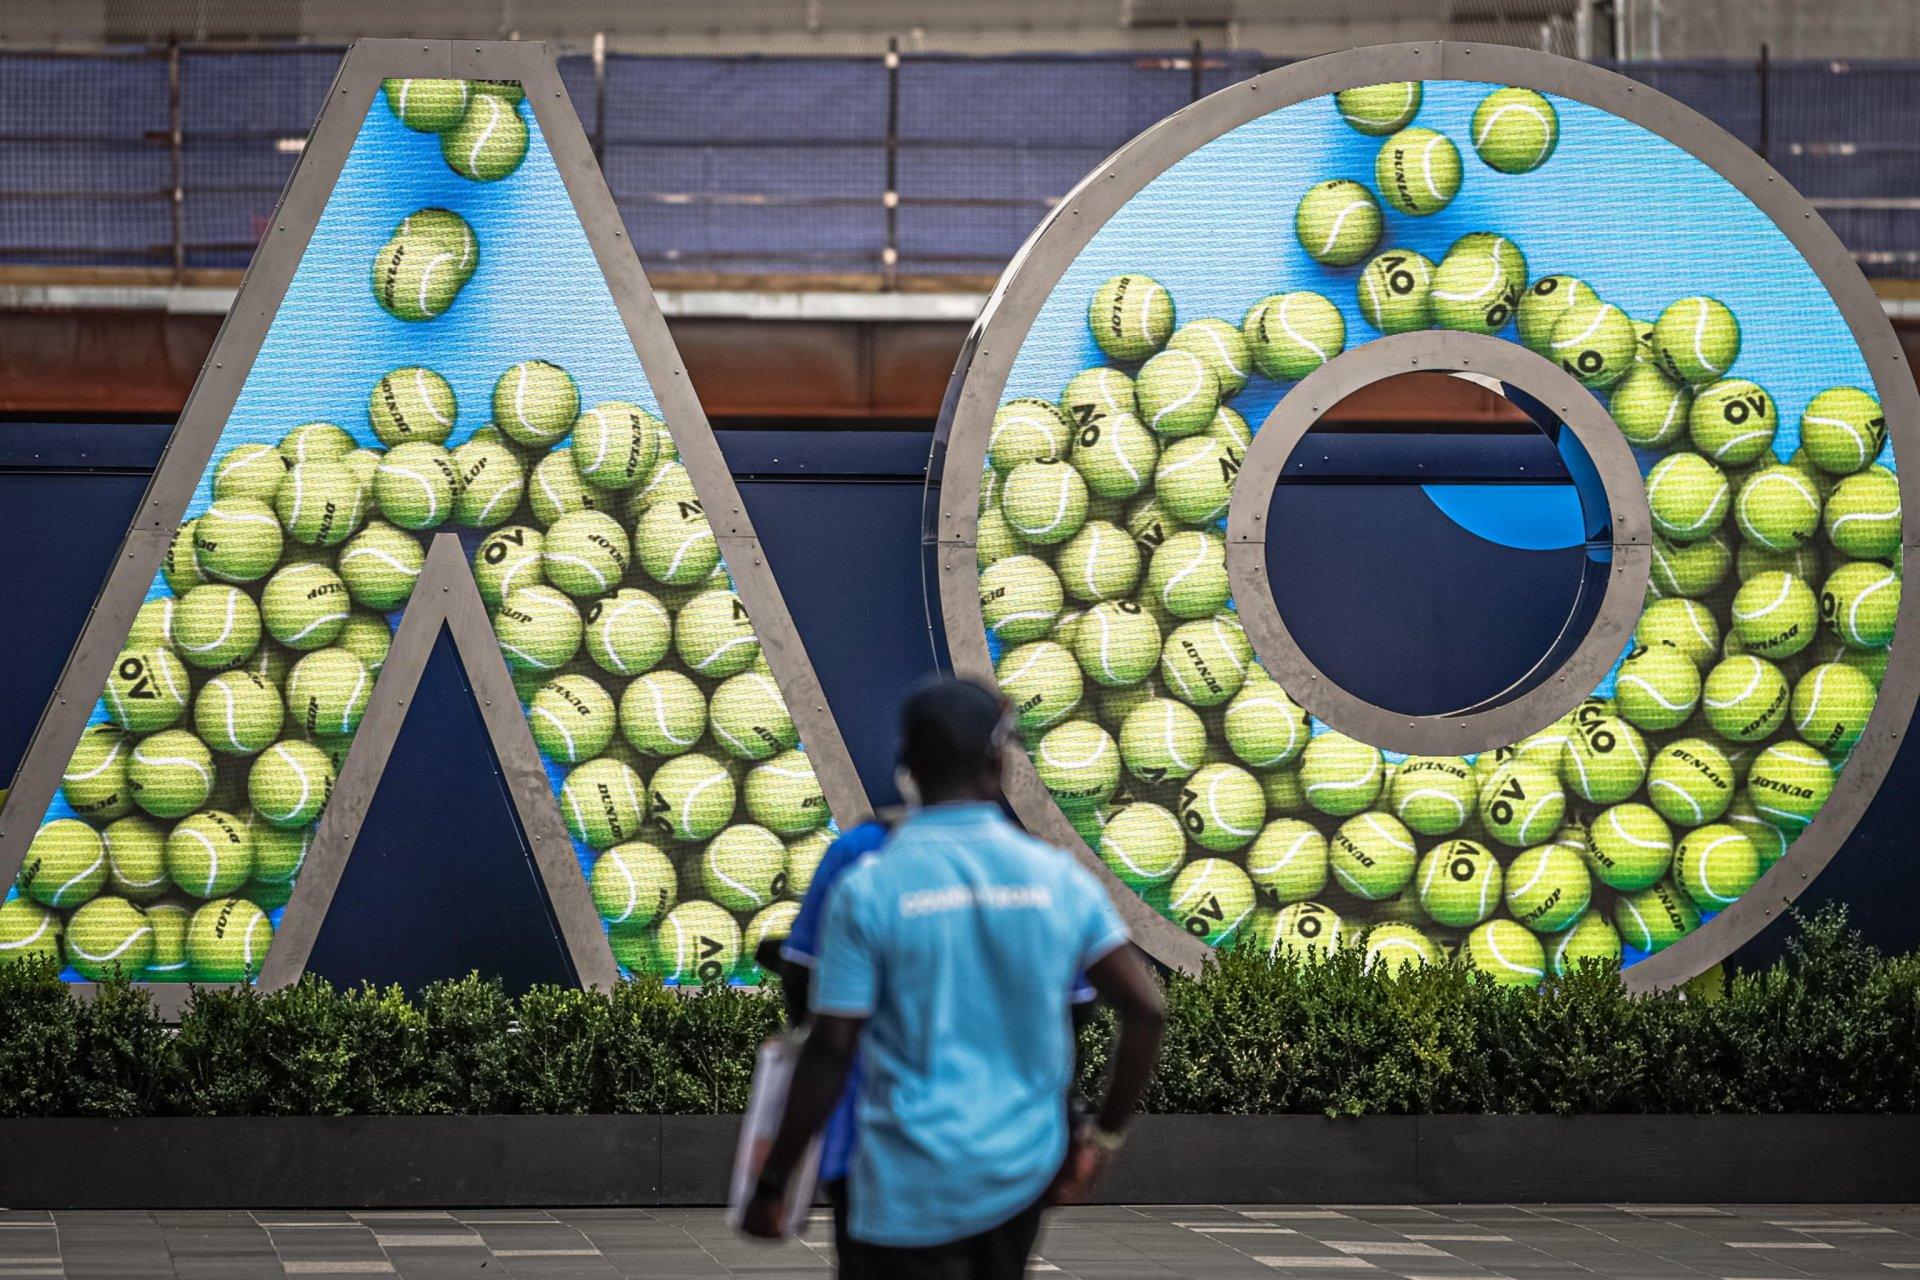 Tennis Australian Open 2020 In Diretta Esclusiva Su Eurosport Sky E Dazn Digital News